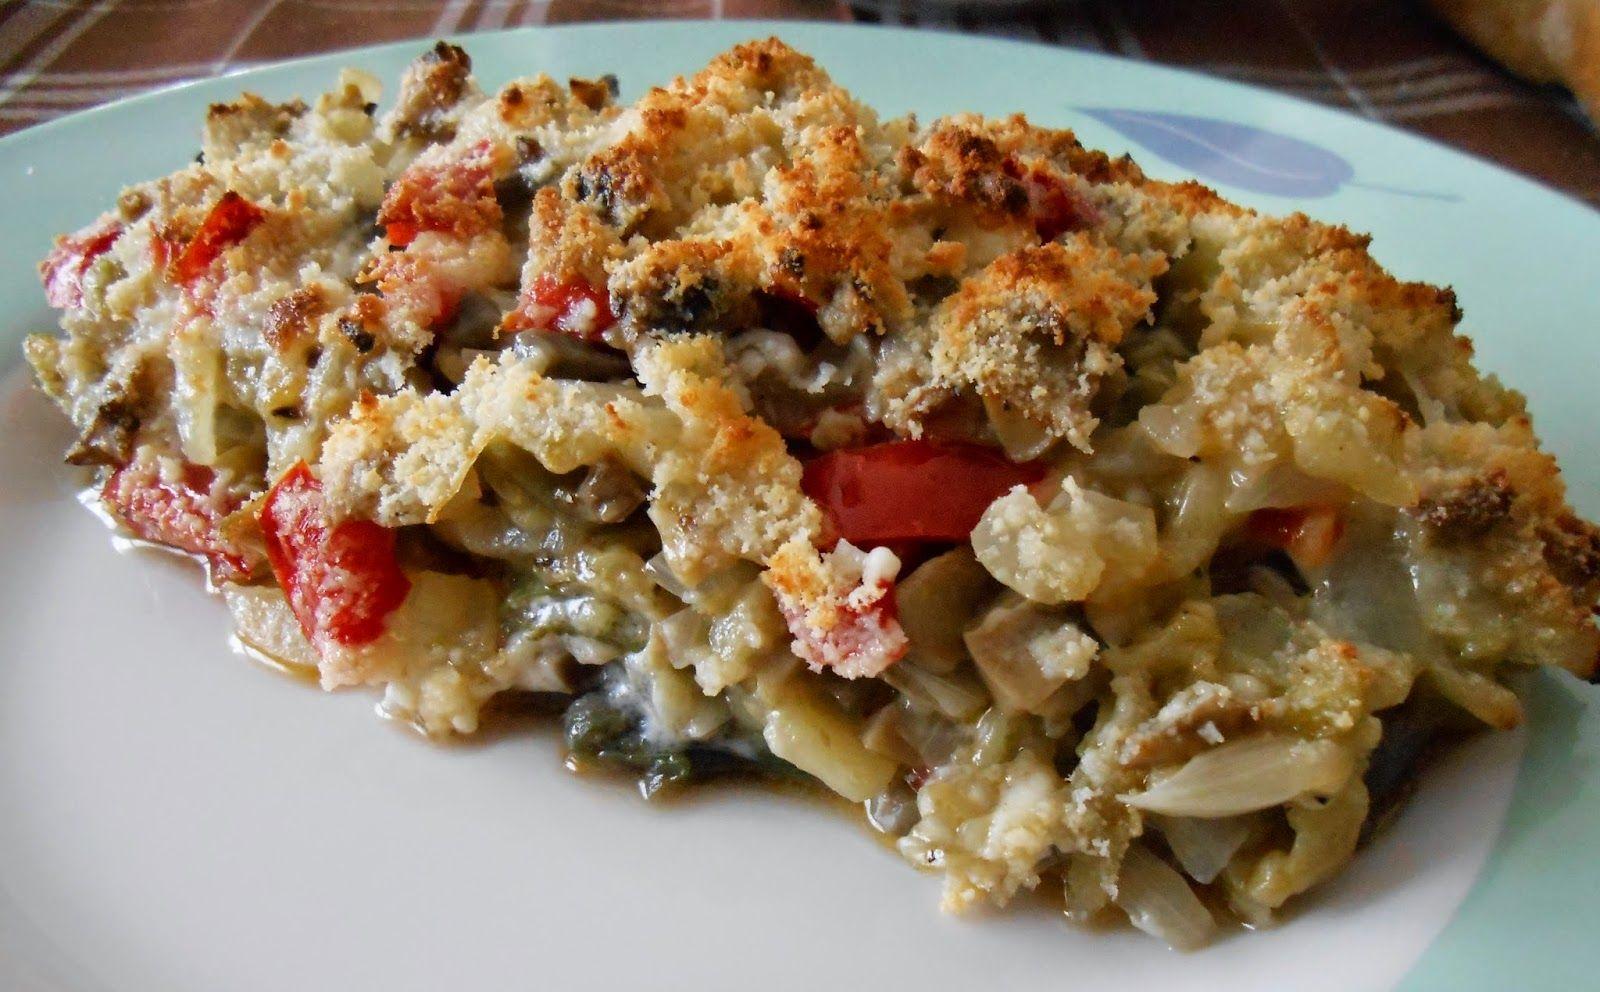 Cocina mami: Berenjenas rellenas de verduras con queso de cabra - eggplants stuffed with vegetables.